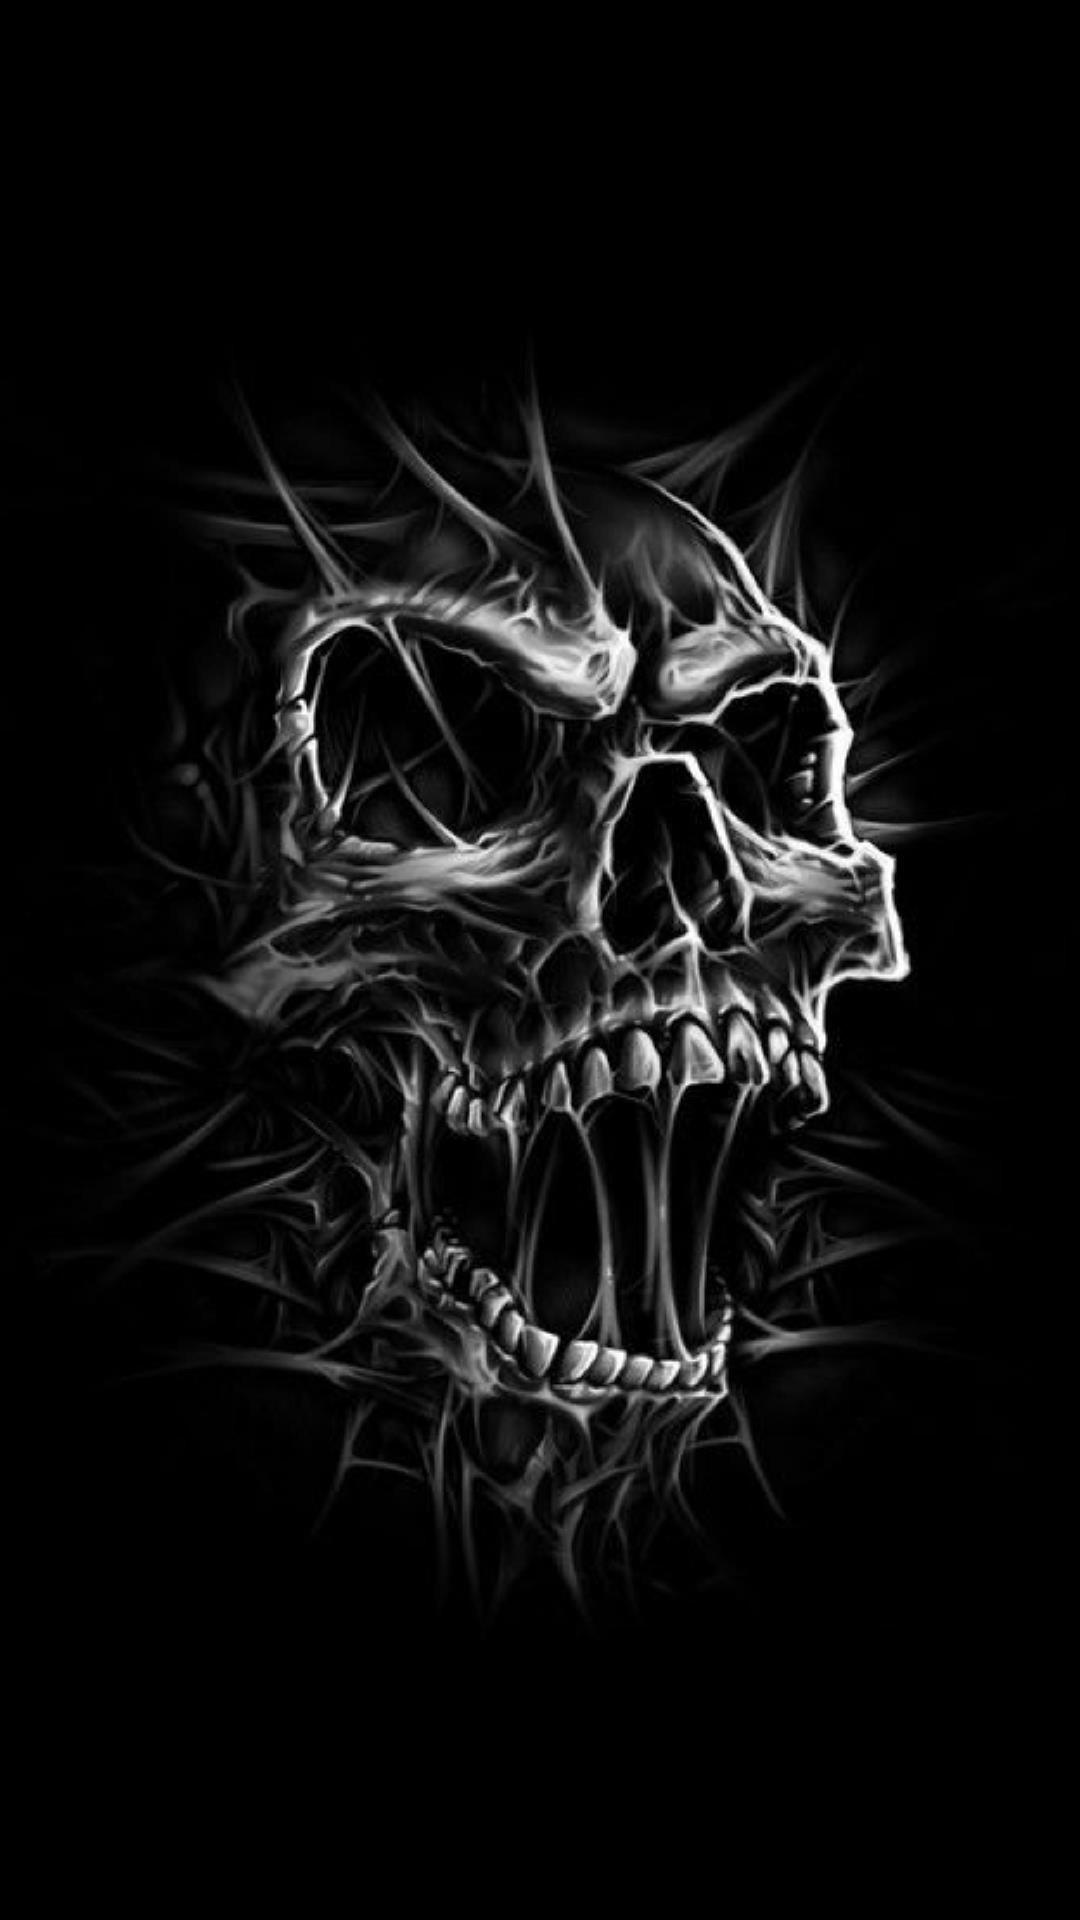 Badass grim reaper wallpaper 68 images - Badass backgrounds ...